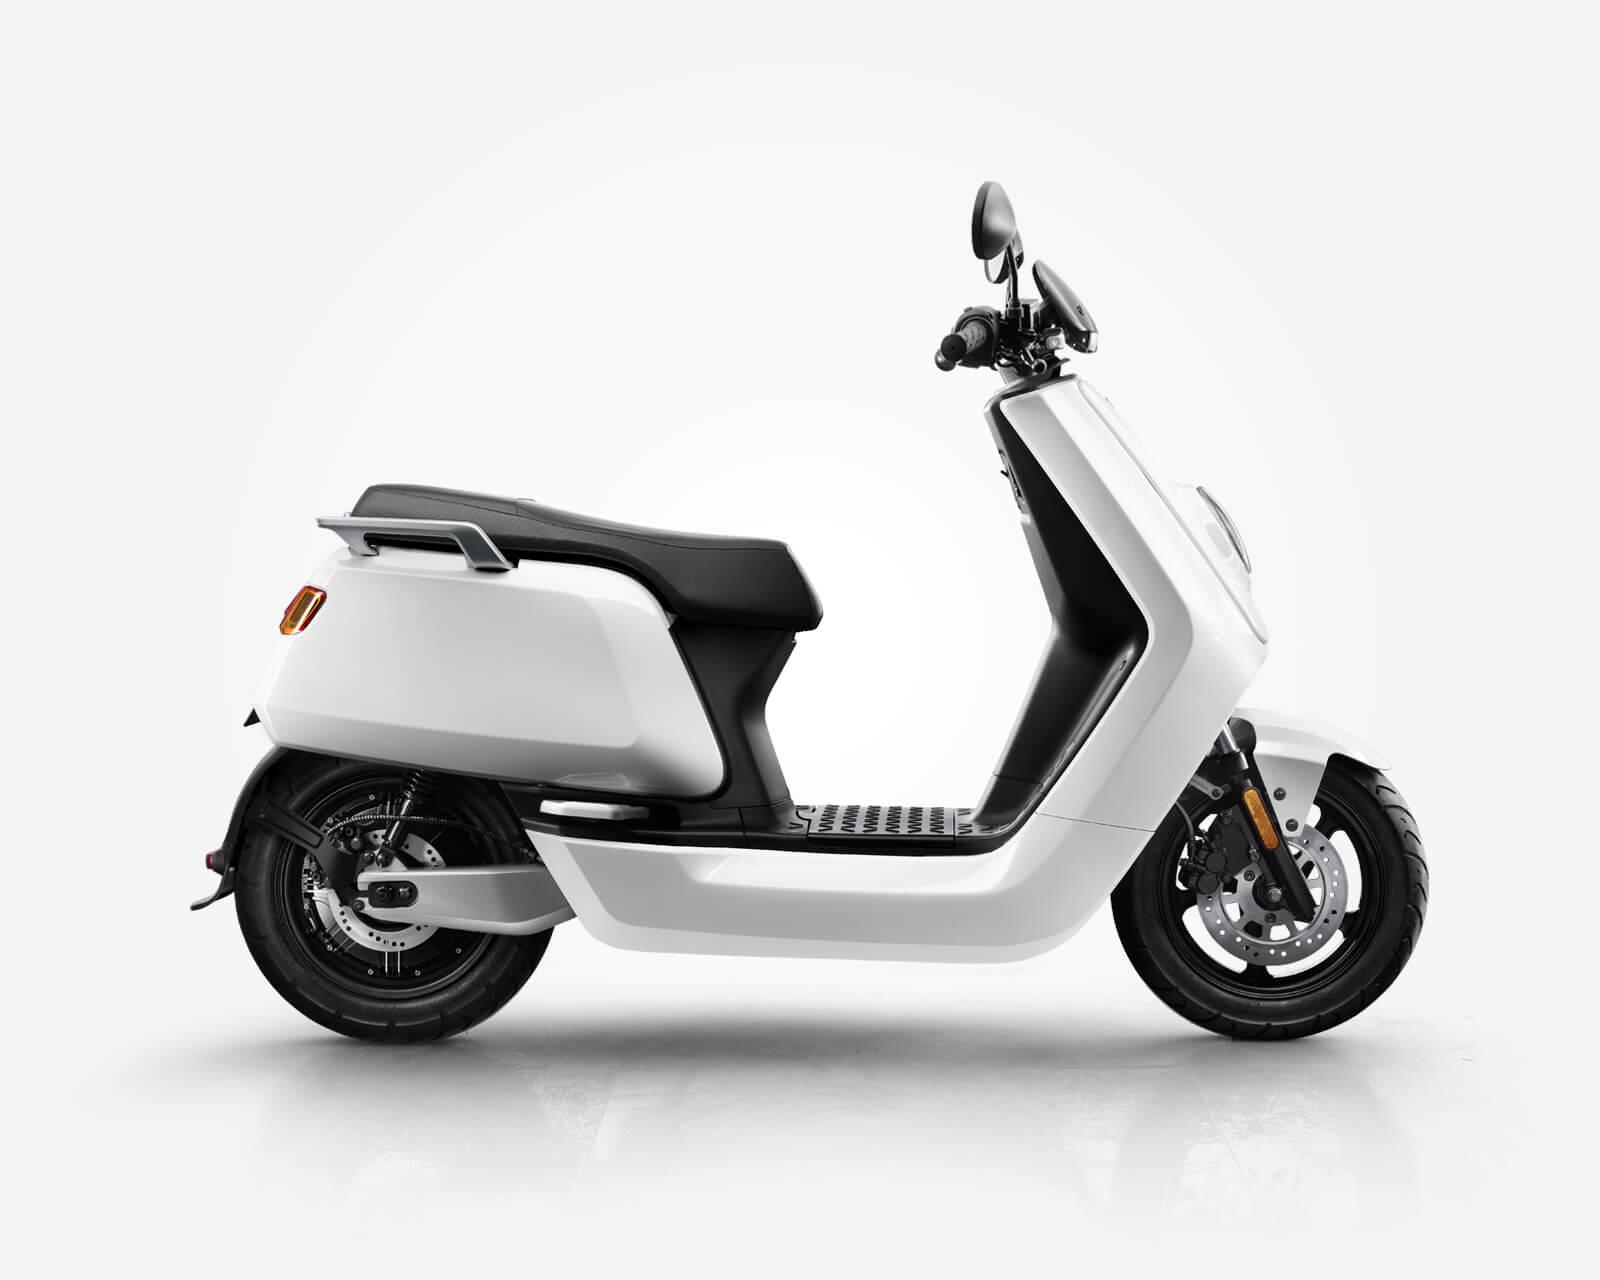 scooter electrique n series niu. Black Bedroom Furniture Sets. Home Design Ideas